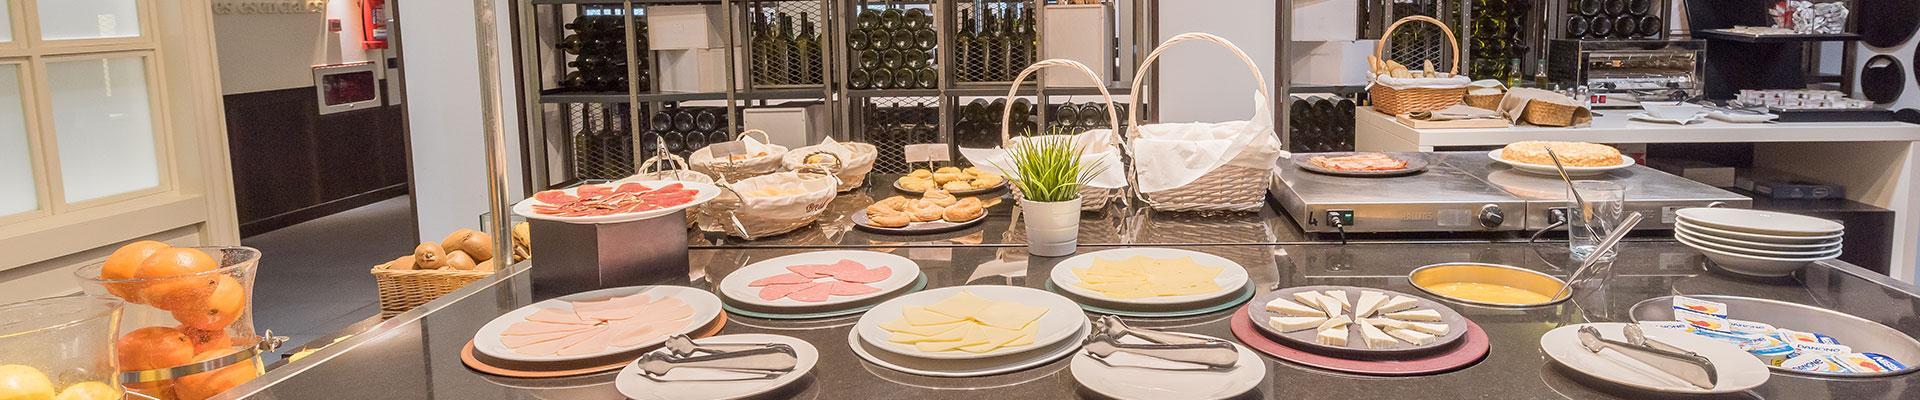 Propuestas gastronómicas Hotel Oriente